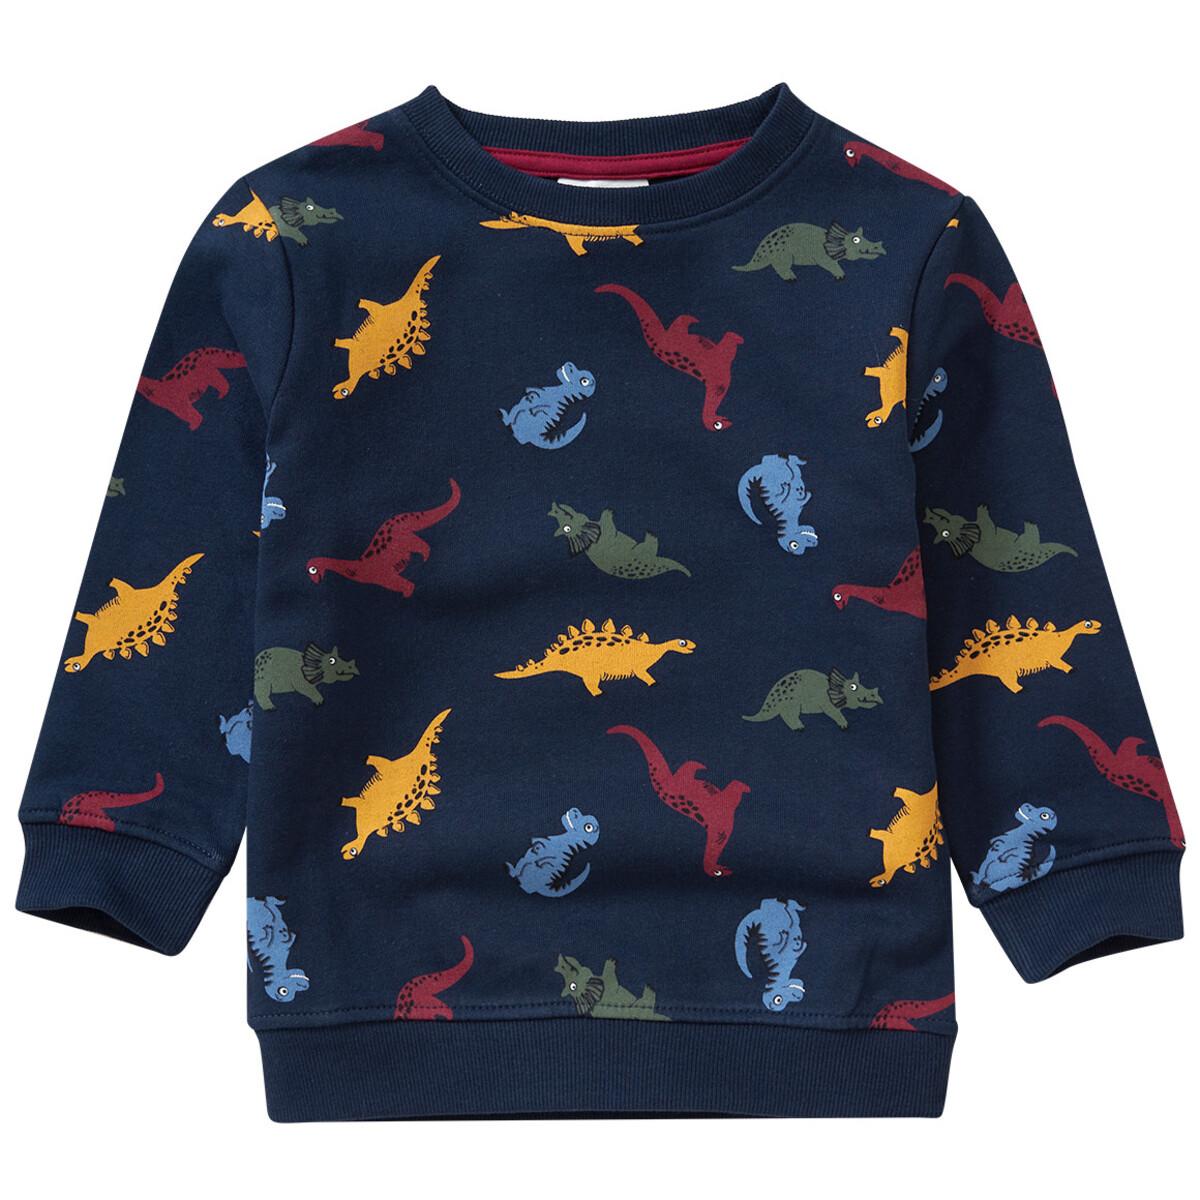 Bild 1 von Jungen Sweatshirt mit Dino-Allover